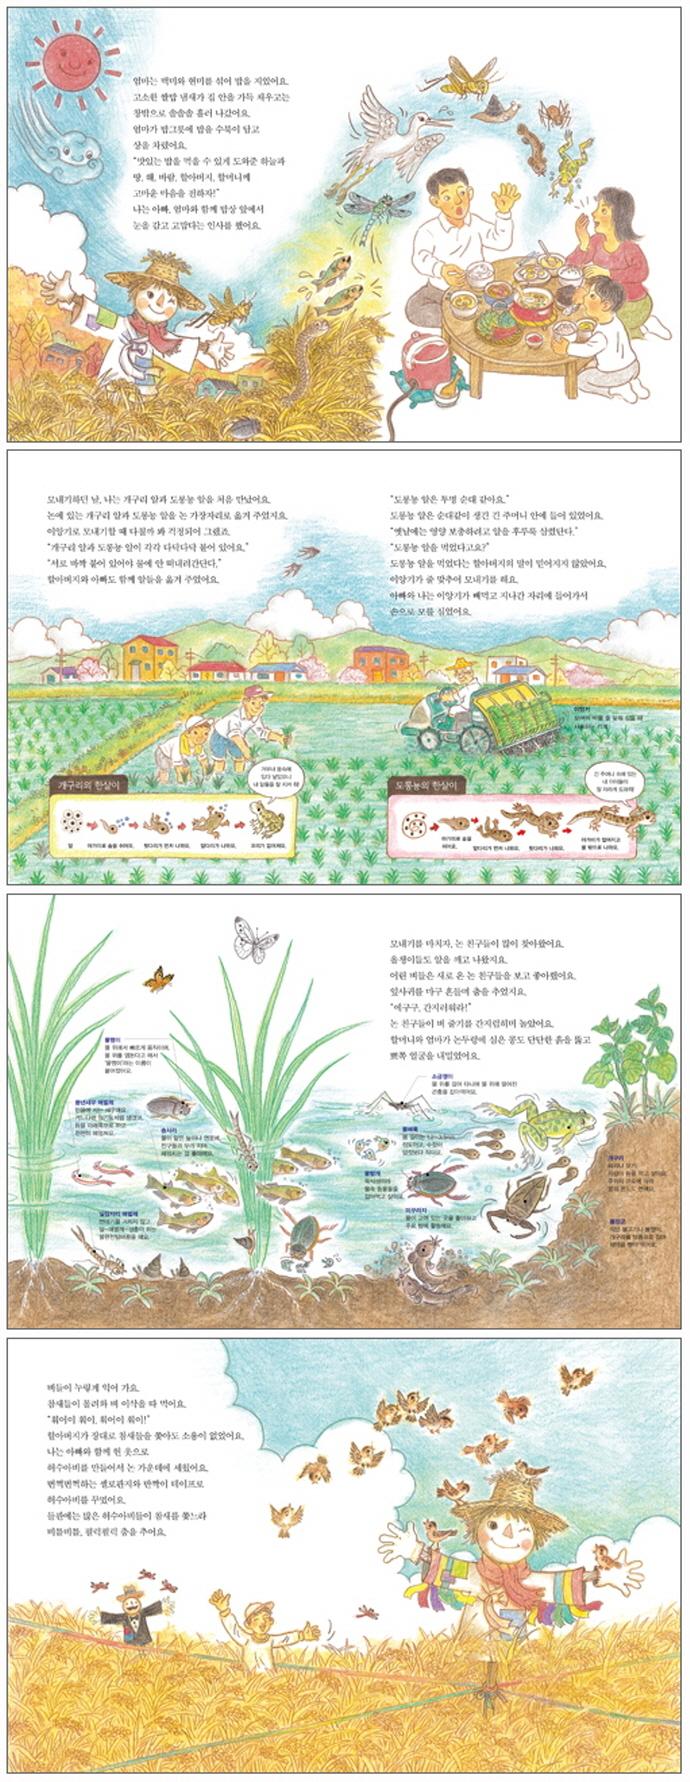 쌀밥 한 그릇에 생태계가 보여요(스콜라 꼬마지식인 14)(양장본 HardCover) 도서 상세이미지